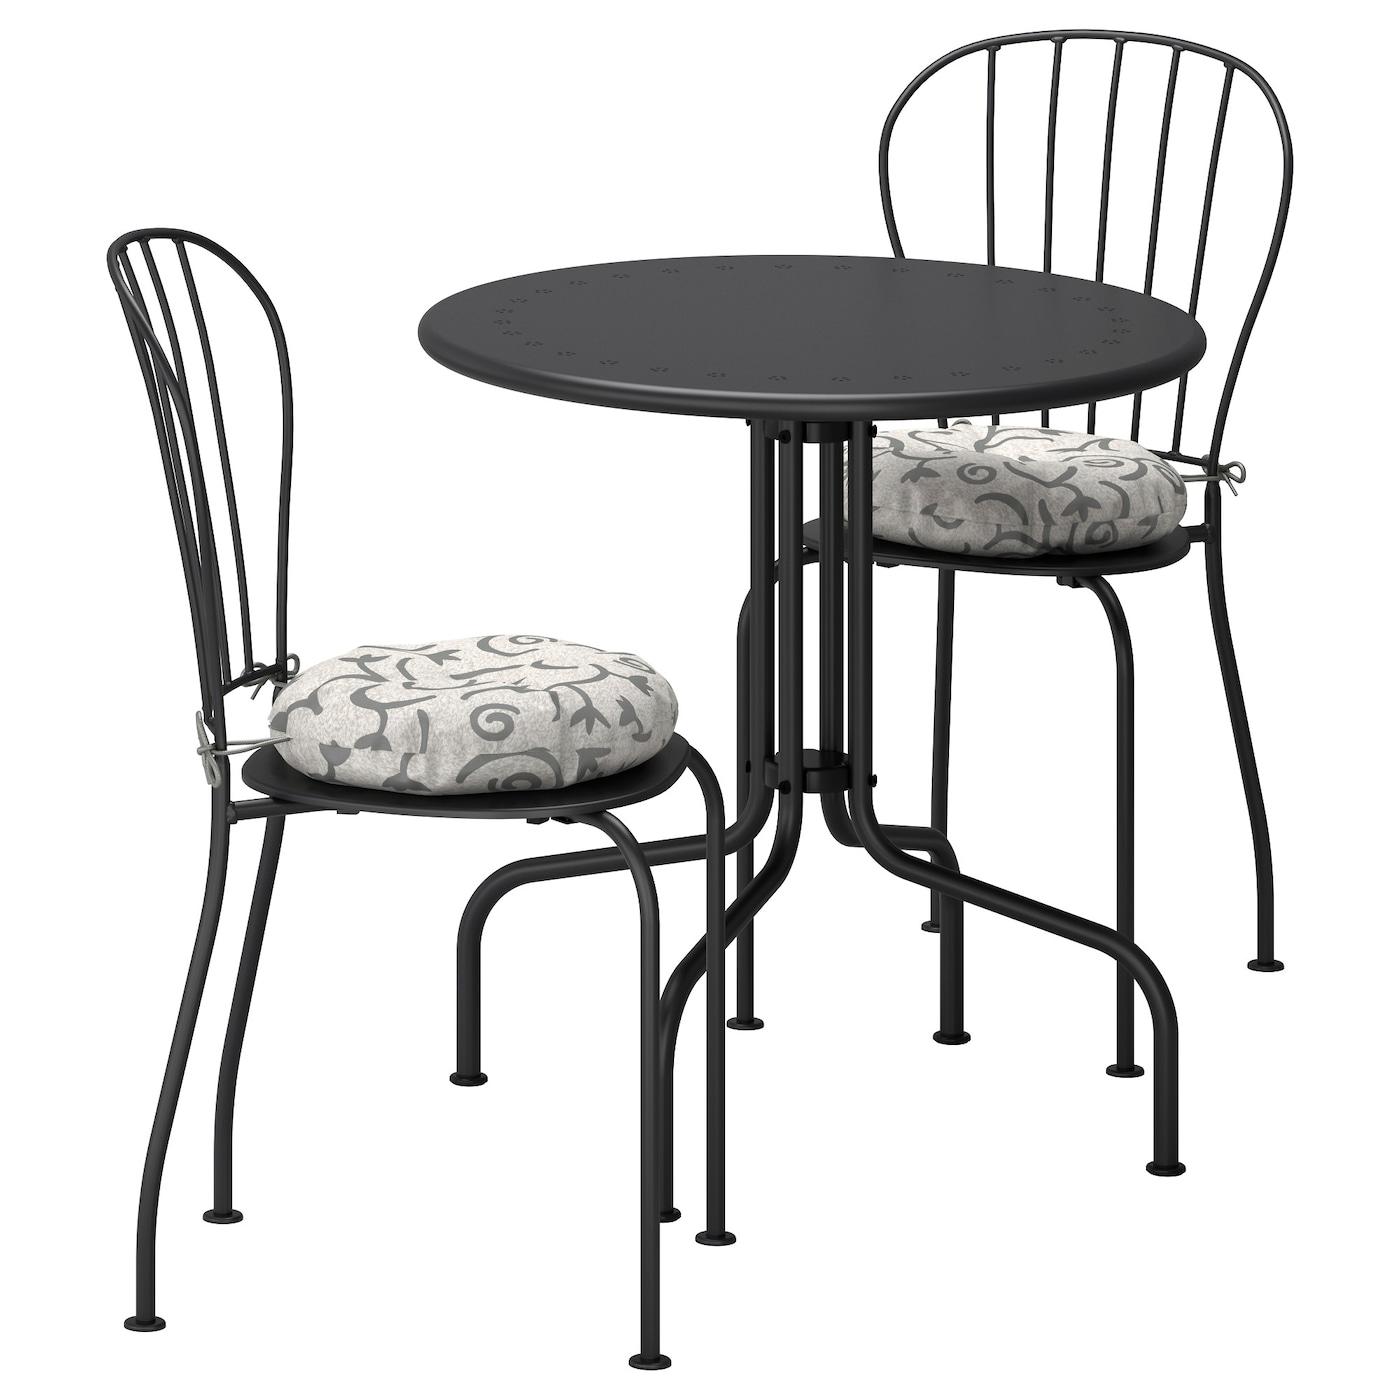 L ck tafel 2 stoelen buiten grijs steg n beige ikea for Stoelen voor buiten